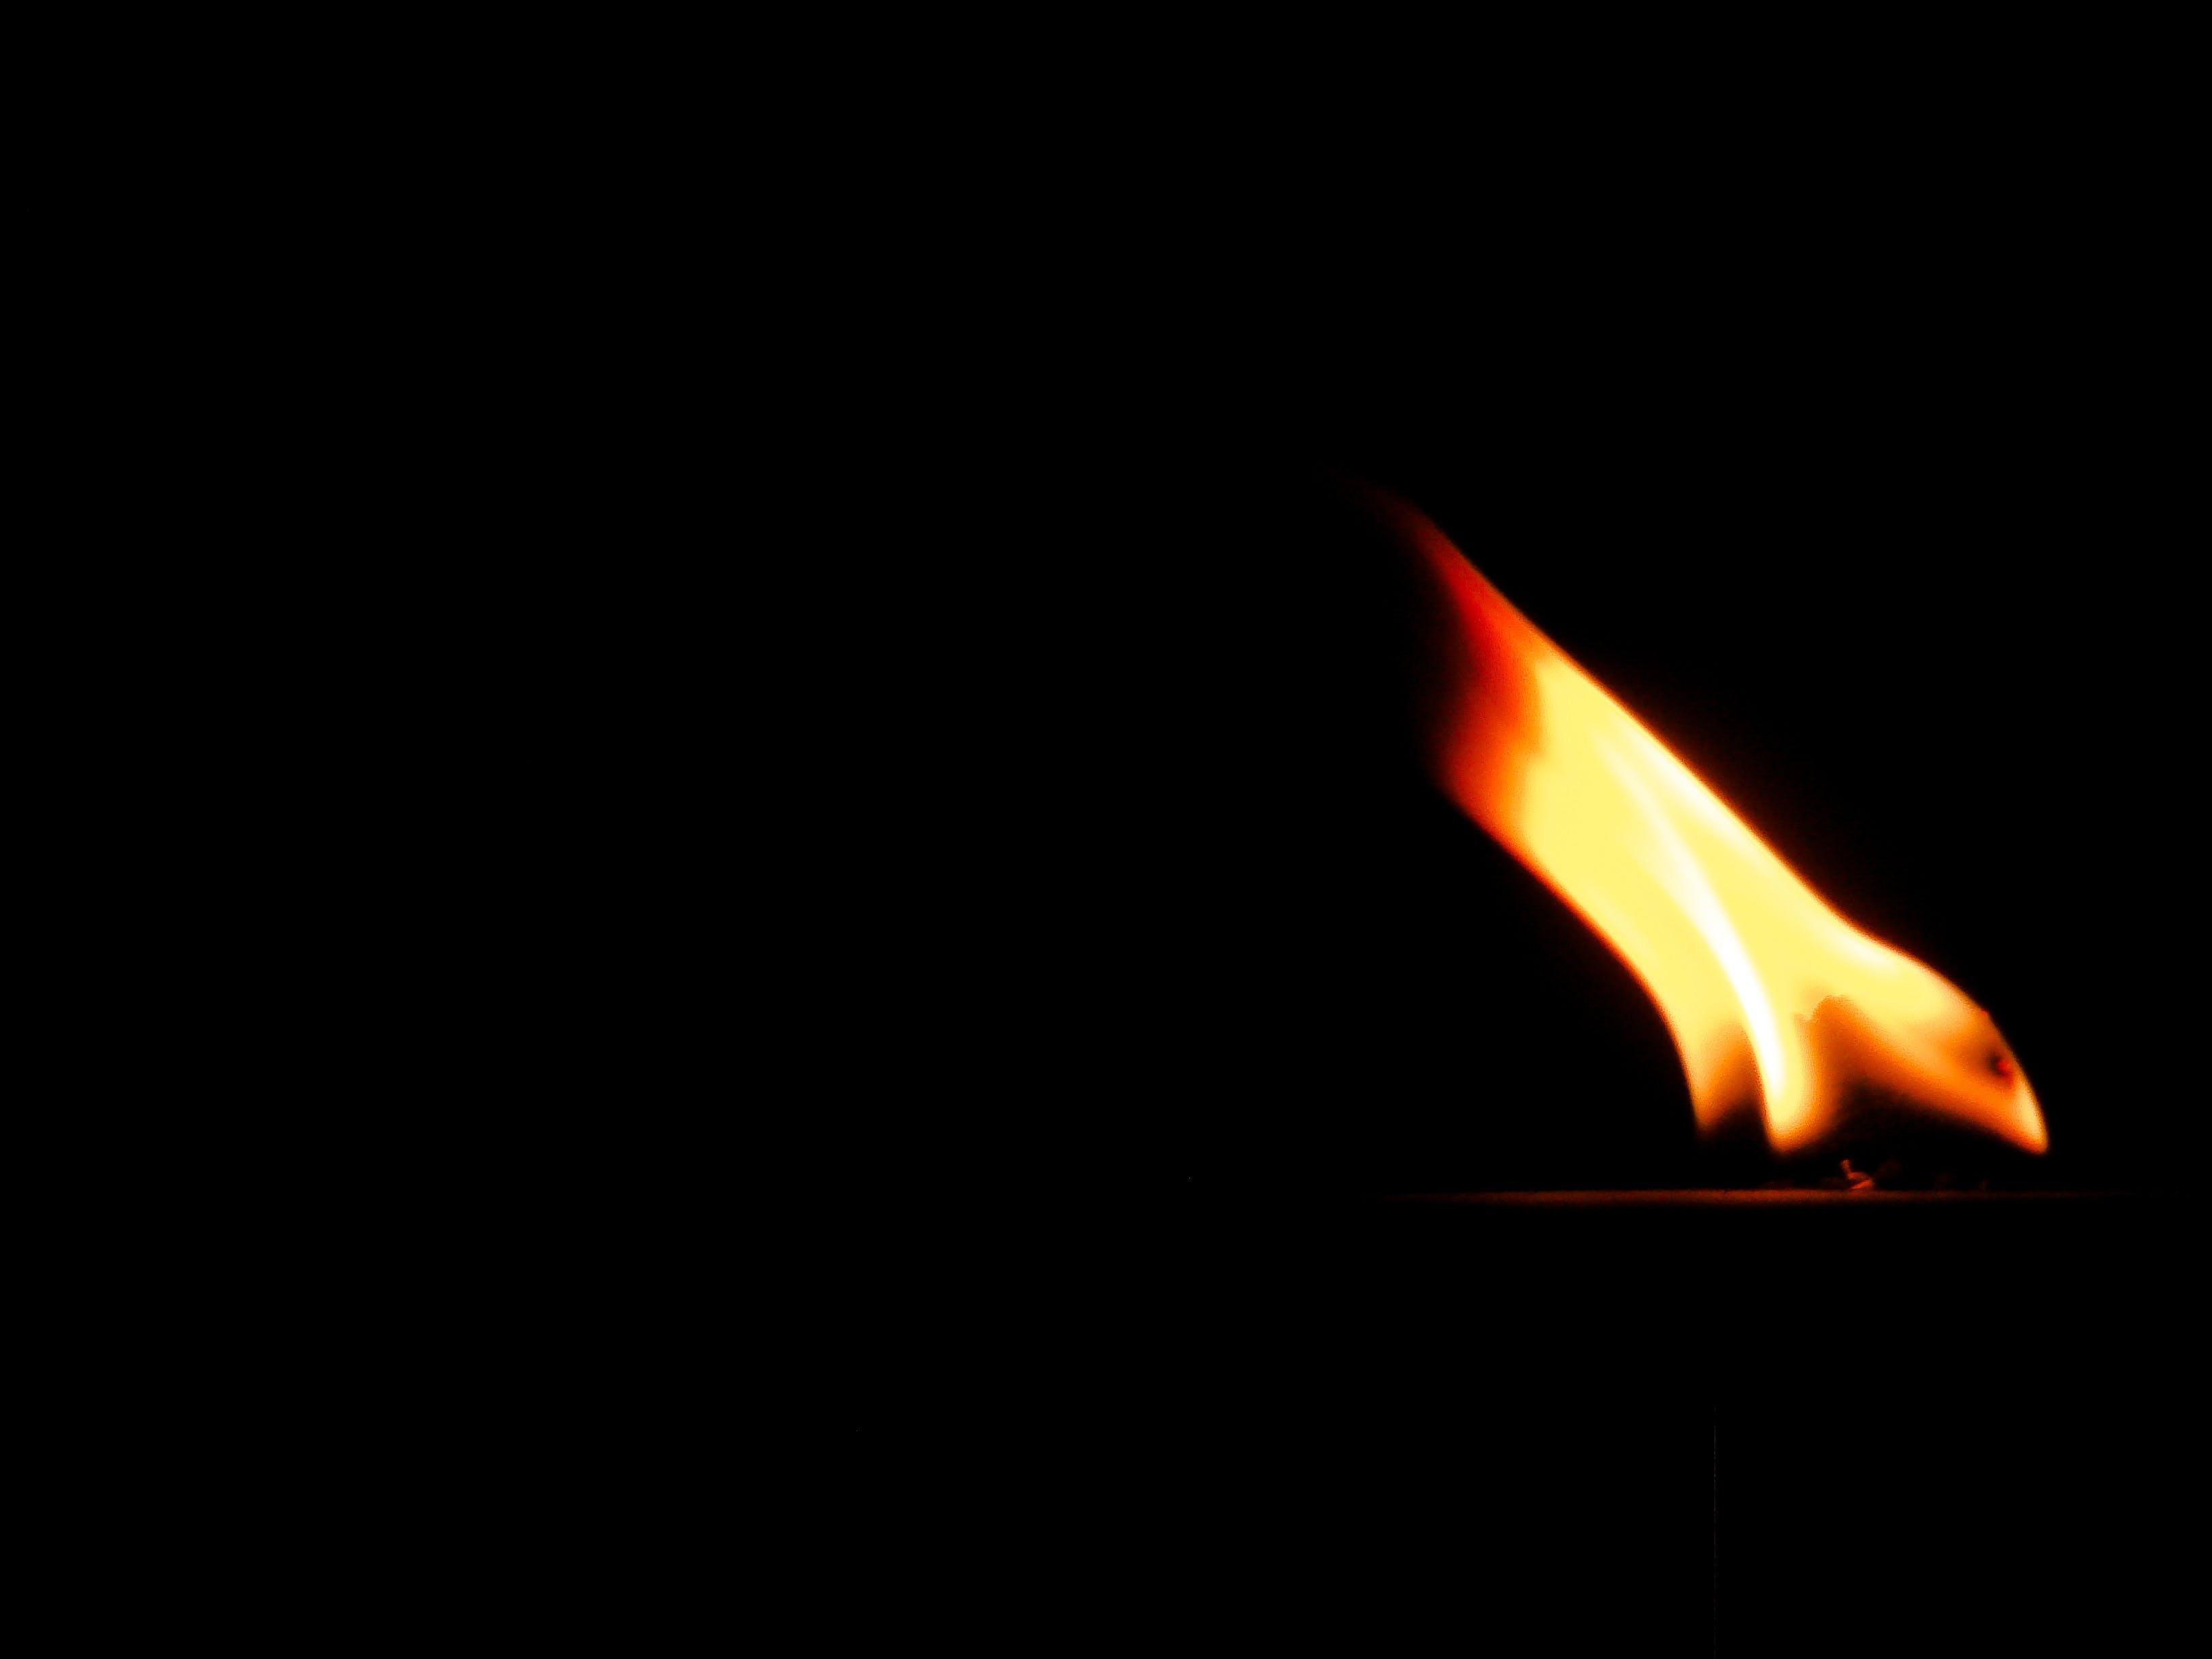 Foto d'estoc gratuïta de foc, foscor, foto nocturna, fotografia de natura